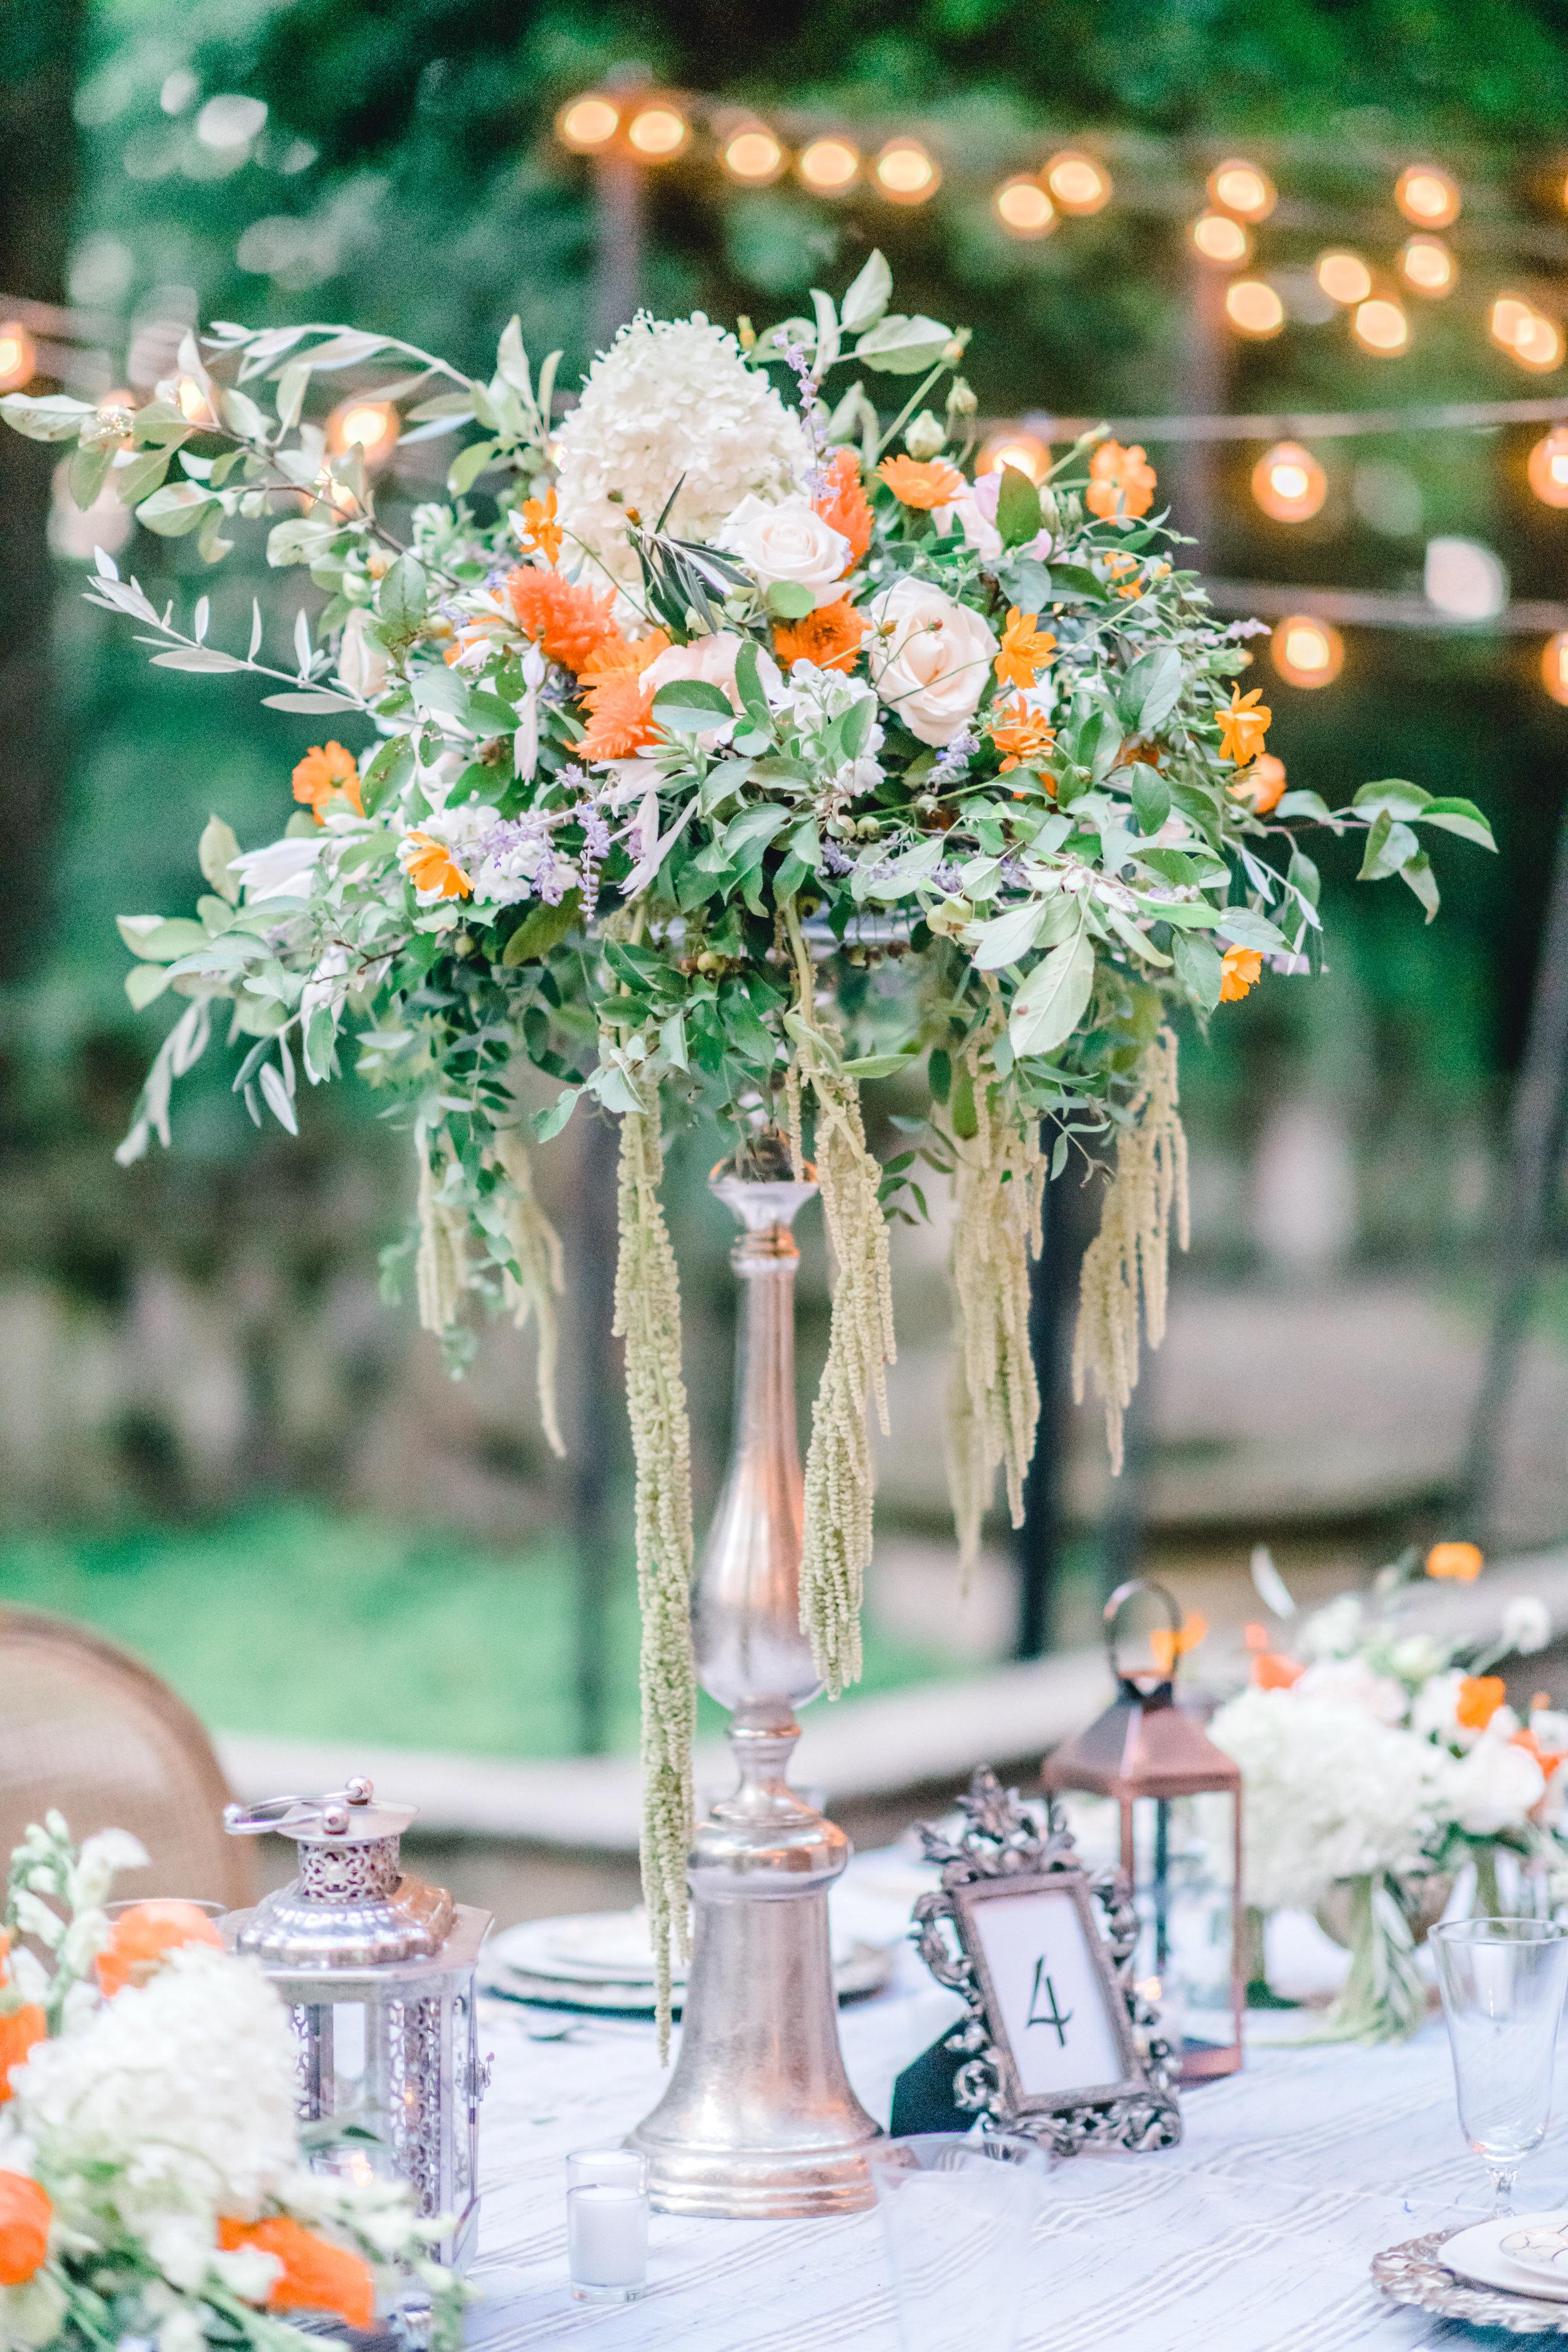 Jessica-Garda-Events-Pittsburgh-Wedding-Planner-Mansion-Butler-Blue-Grey-Orange-Palette (51).jpg